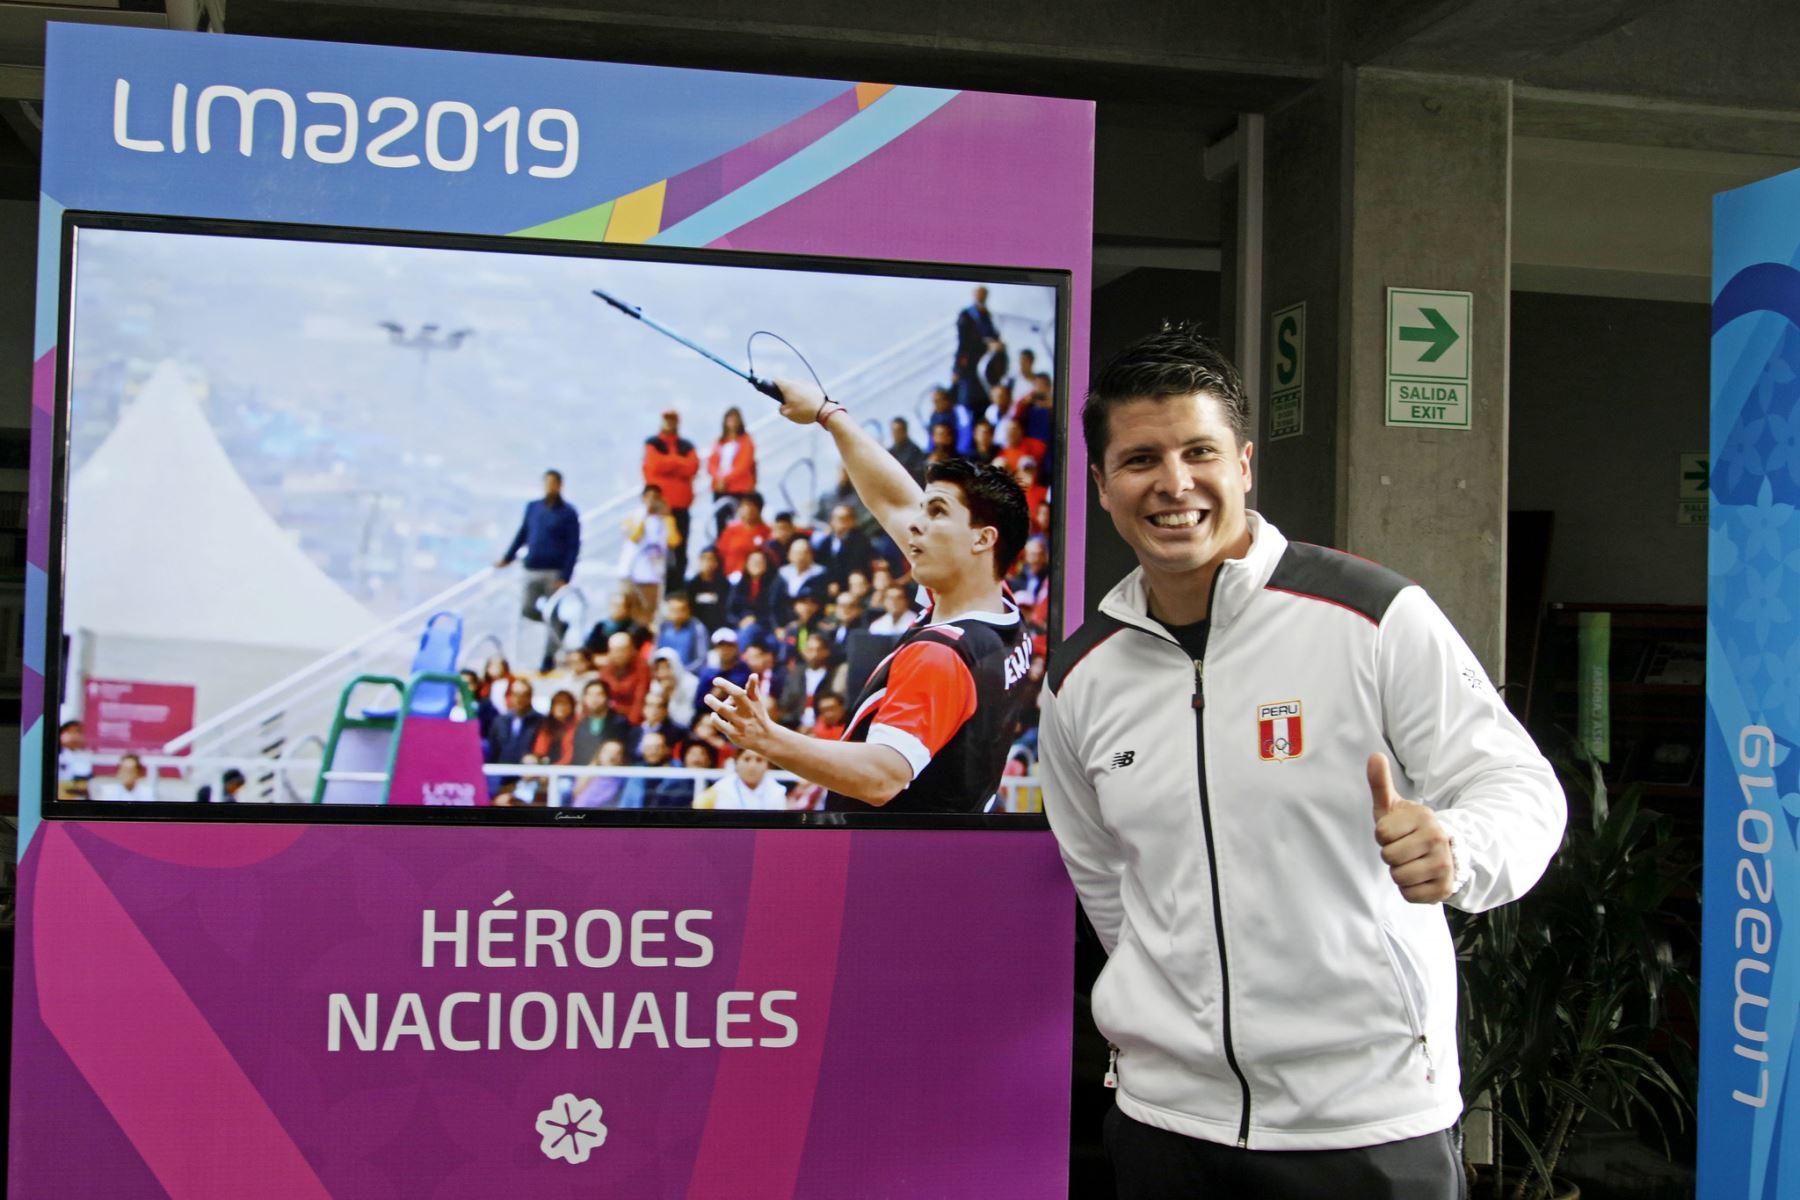 Exposición fotográfica de los Juegos Lima 2019 en la Biblioteca Nacional